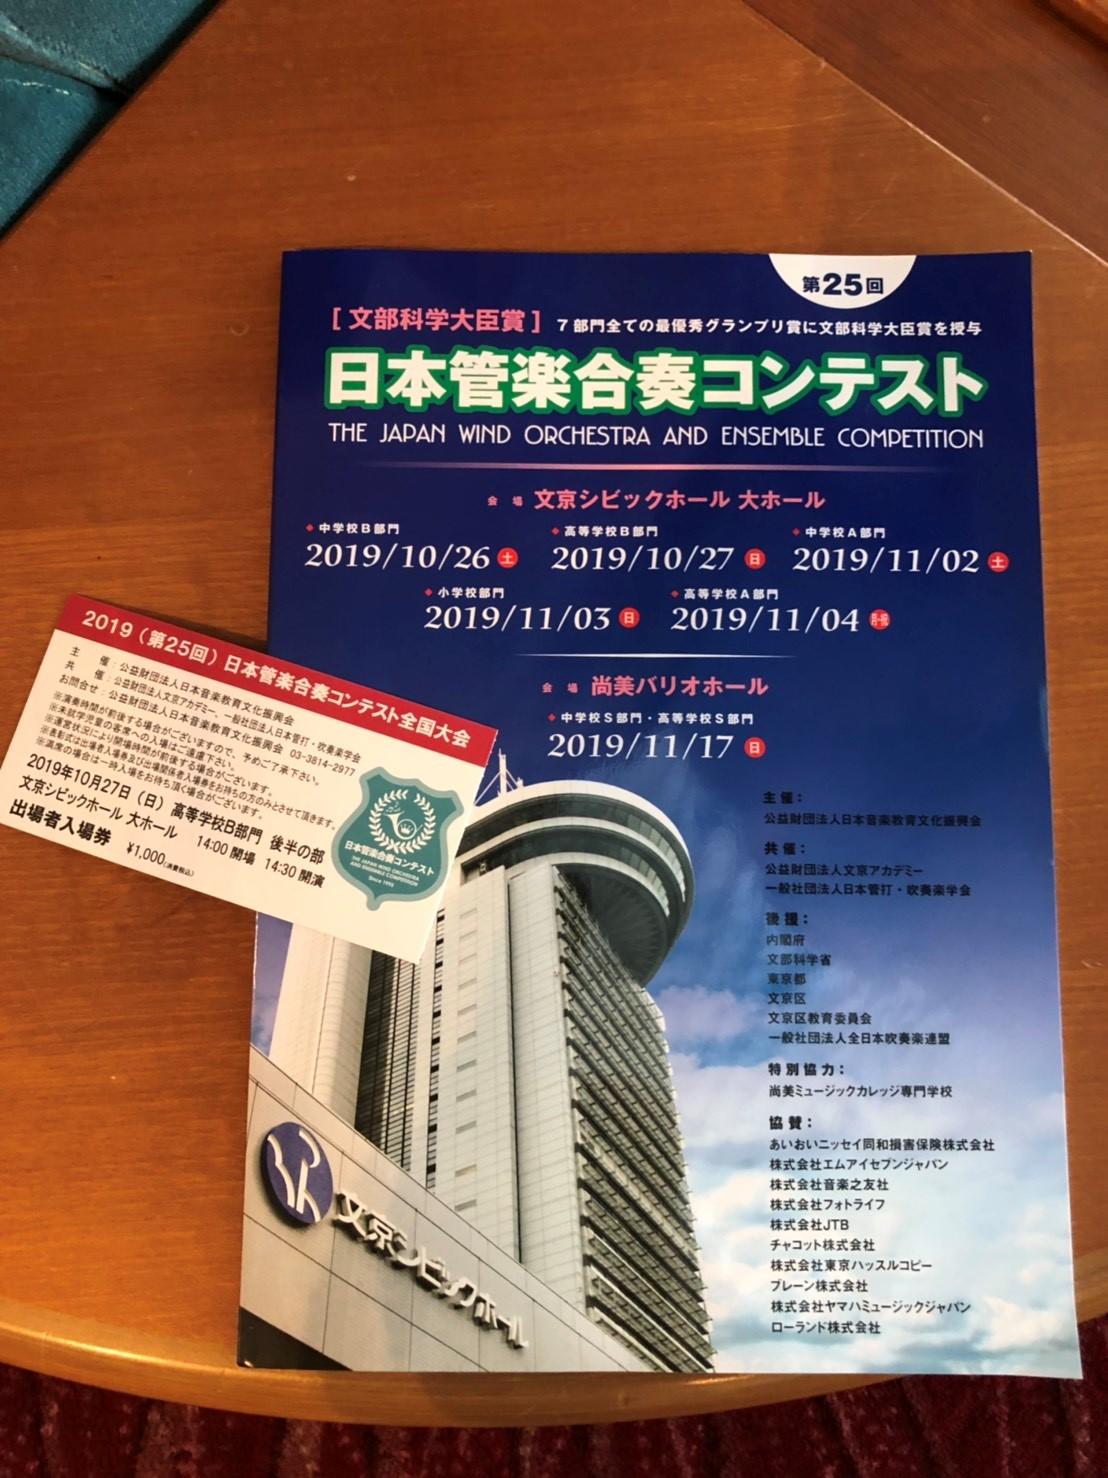 日本 管 学 合奏 コンテスト 2019 JMECPS 公益財団法人日本音楽教育文化振興会